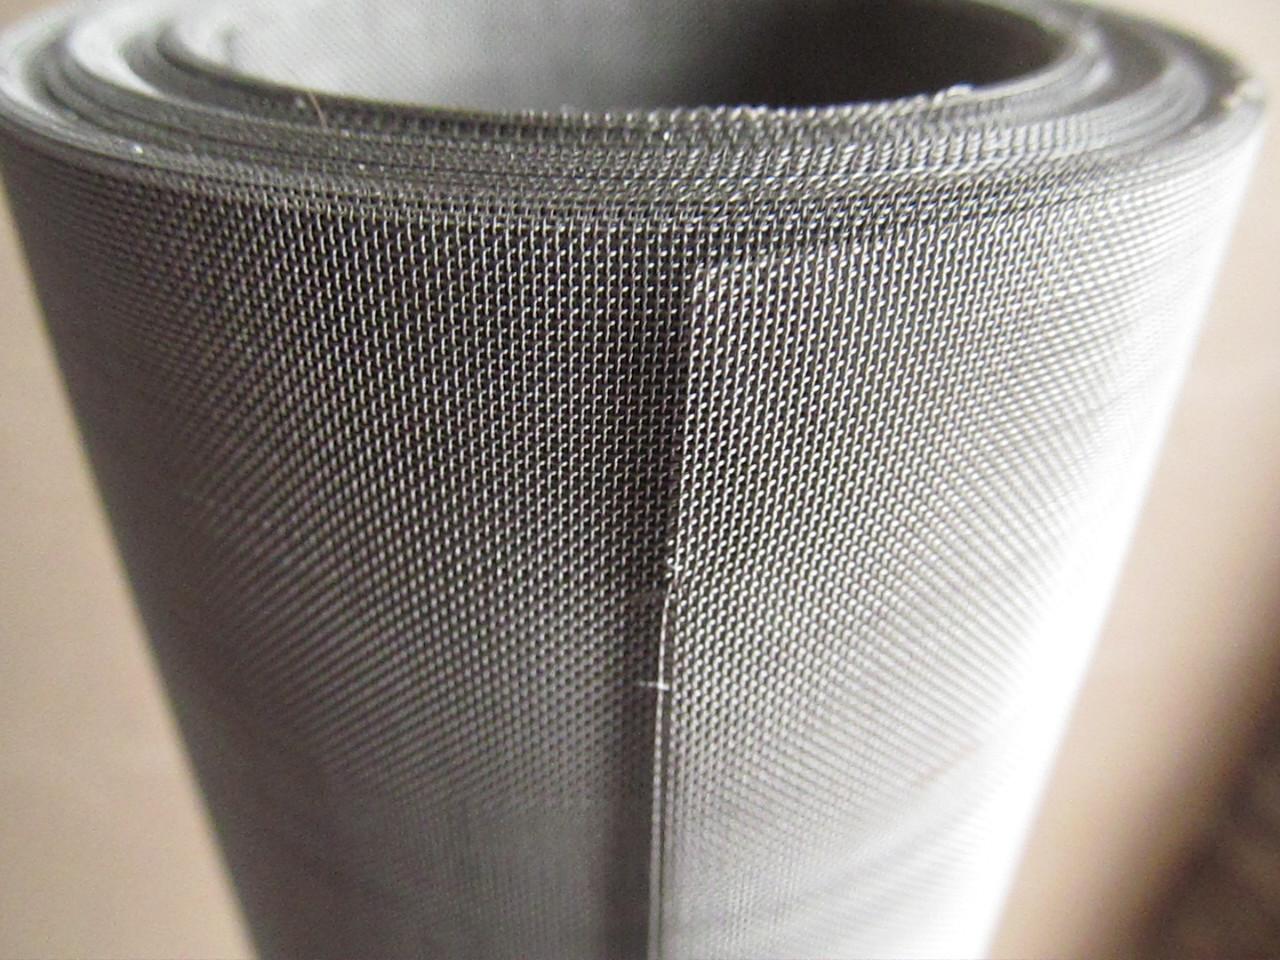 Сетка тканая из нержавеющей проволоки. Ячейка: 0,25мм, Проволока: 0,12мм, Ширина 1м.